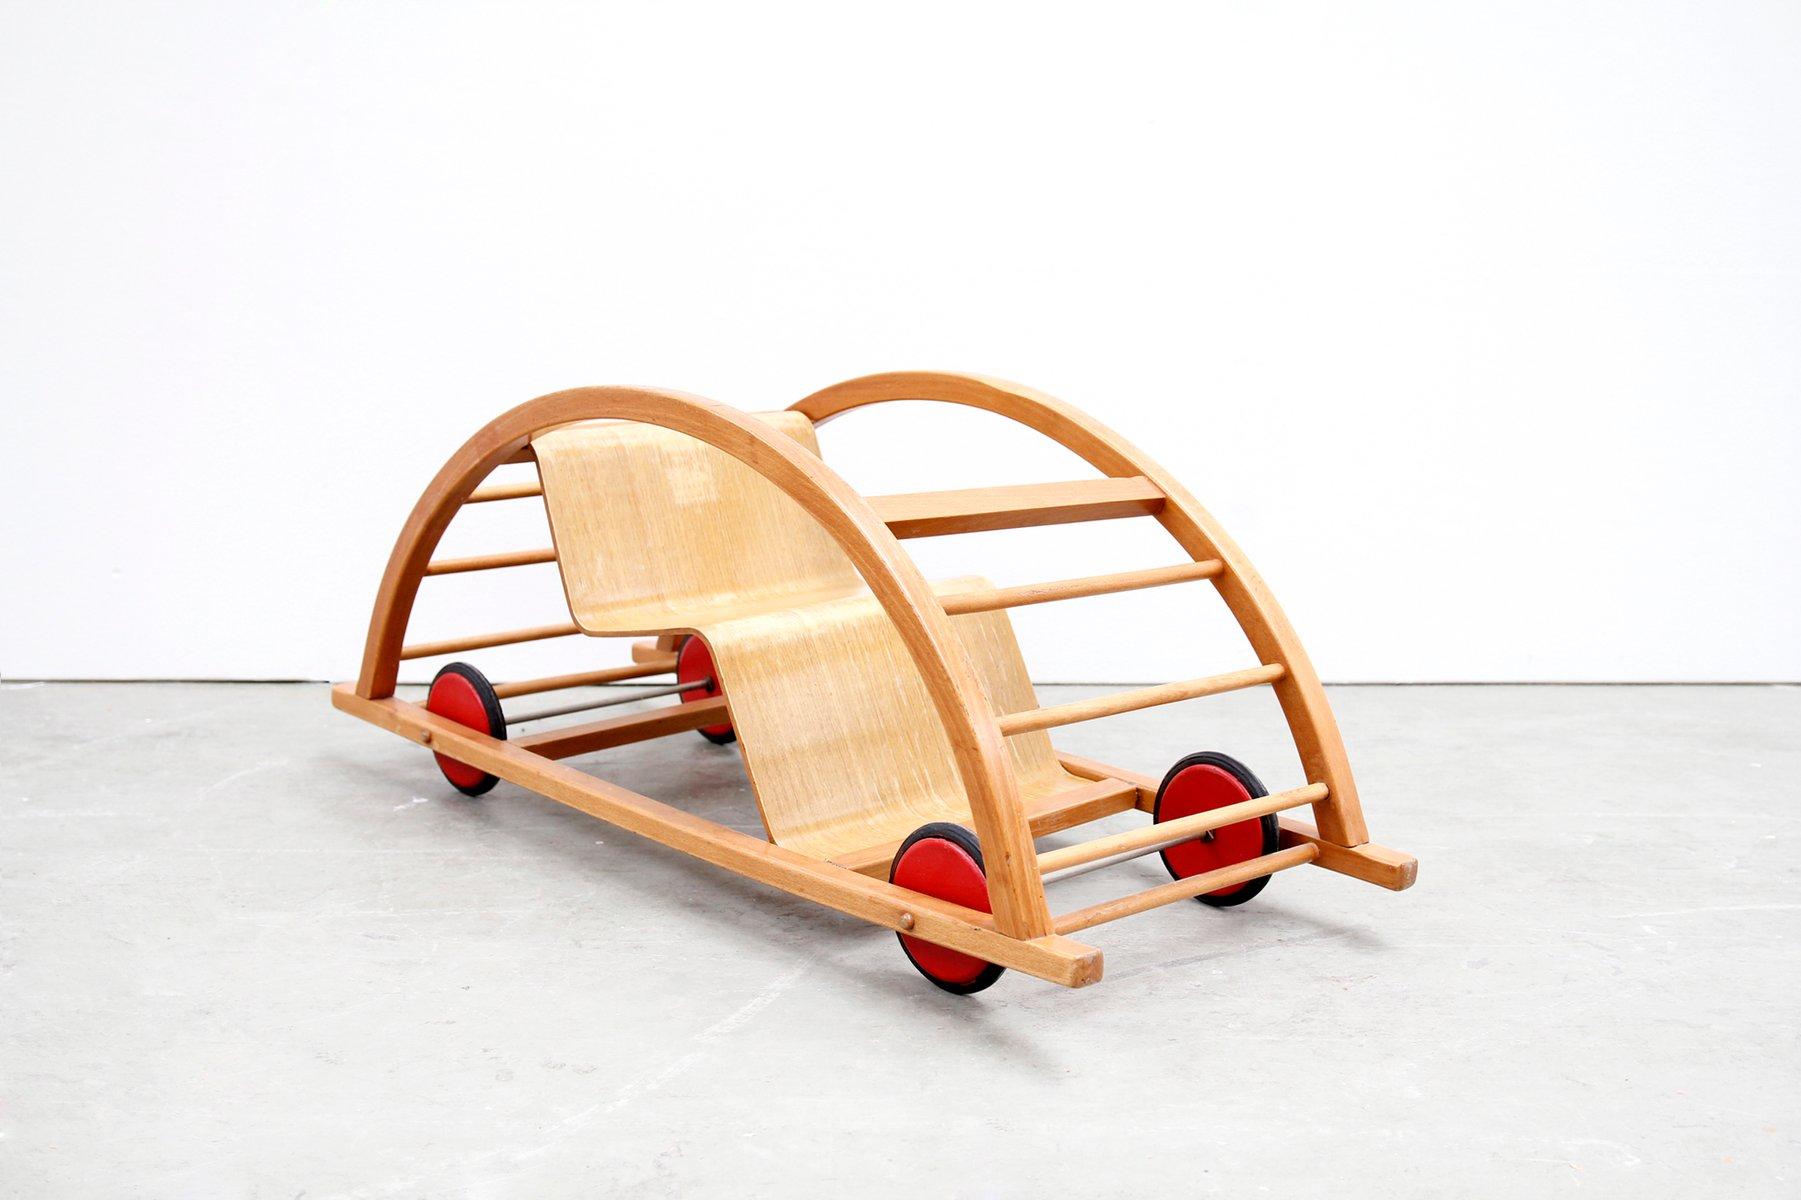 multifunktioneller kinder schaukelstuhl von brockhage andrea stam f r siegfried lenz 1950er. Black Bedroom Furniture Sets. Home Design Ideas